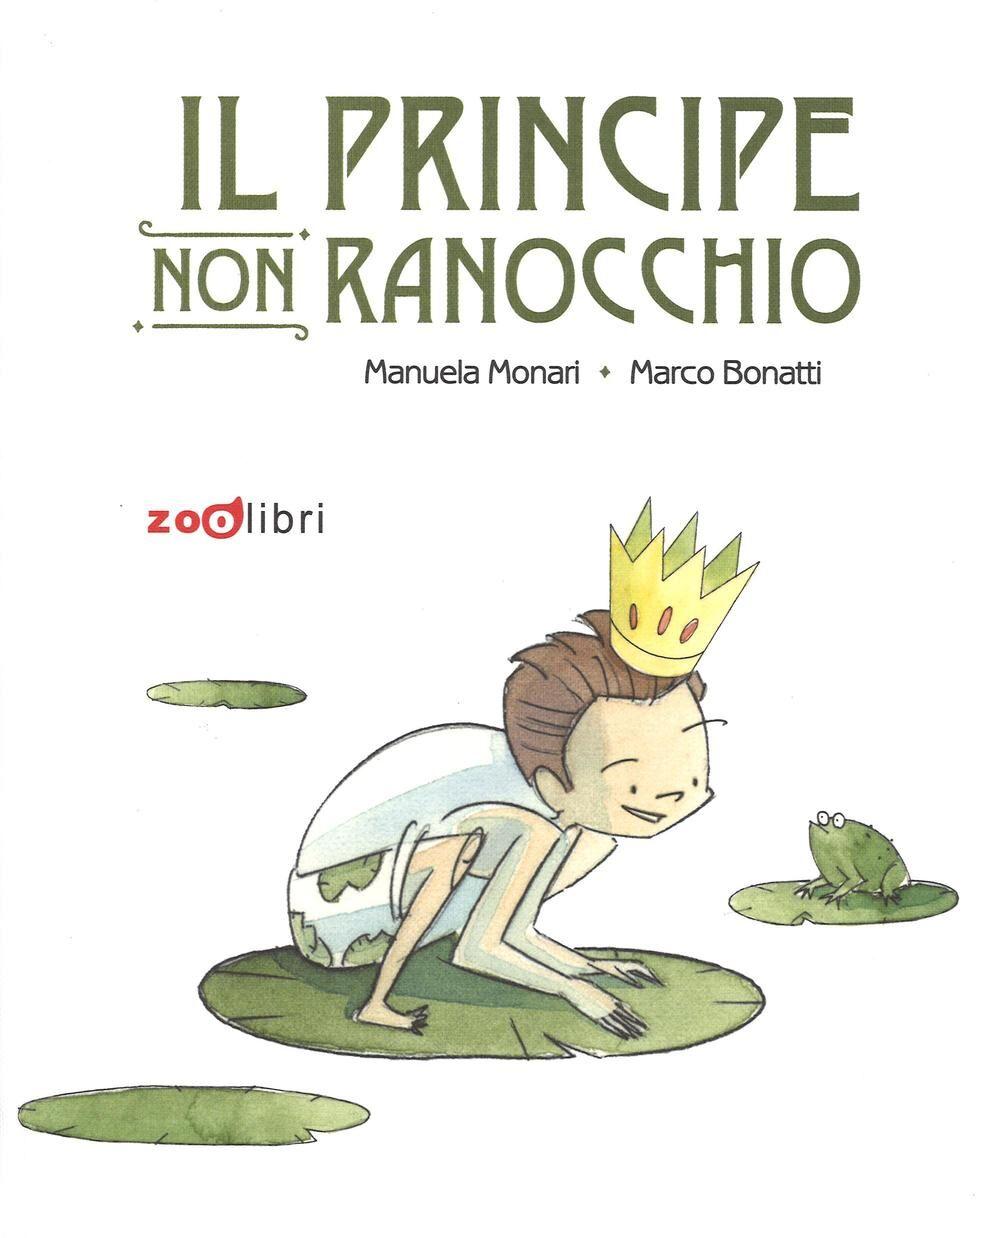 Il principe non ranocchio